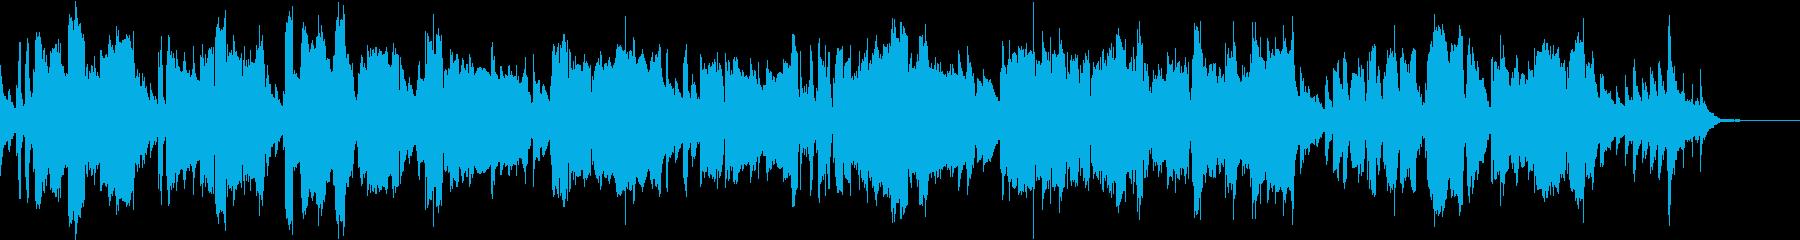 ファゴットが奏でるほのぼのとしたナンバーの再生済みの波形